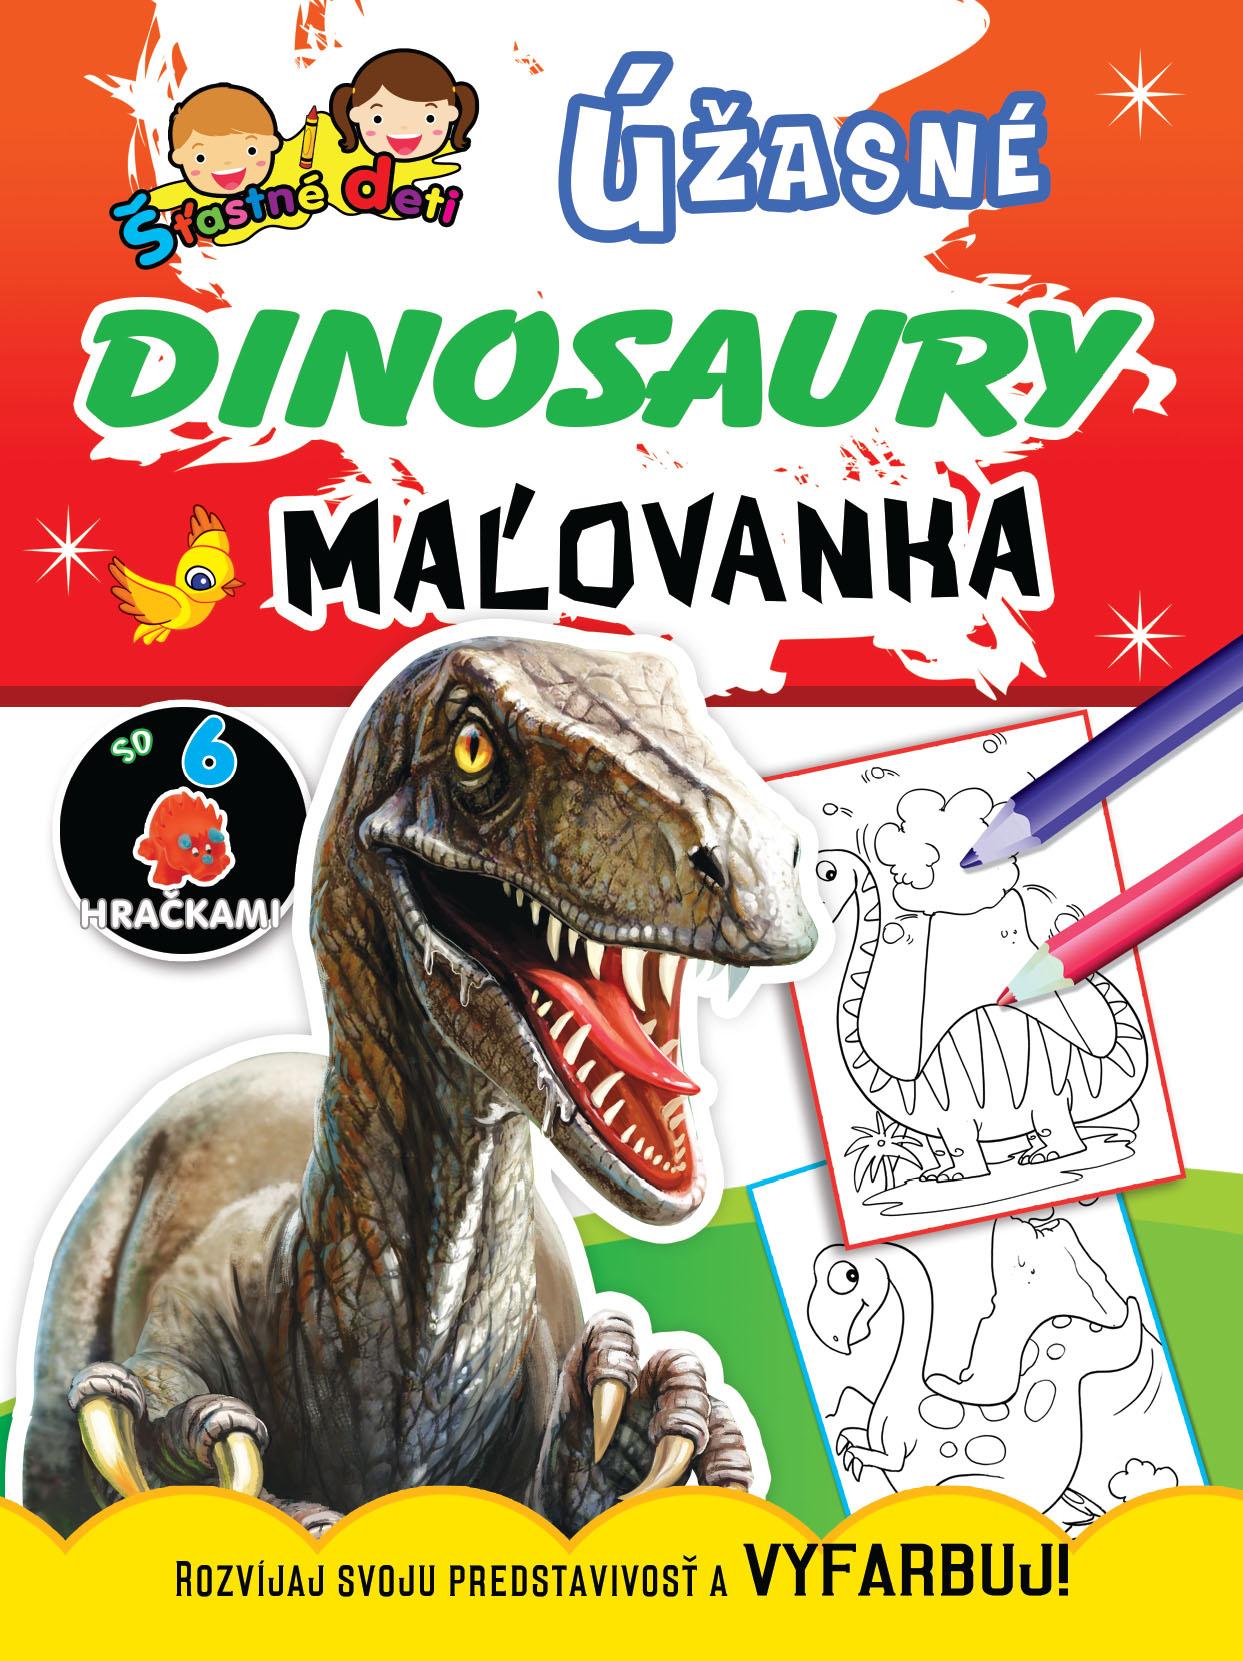 Maľovanka so 6 hračkami - Úžasné dinosaury - Rozvíjaj svoju predstavivosť aVYFARBUJ!